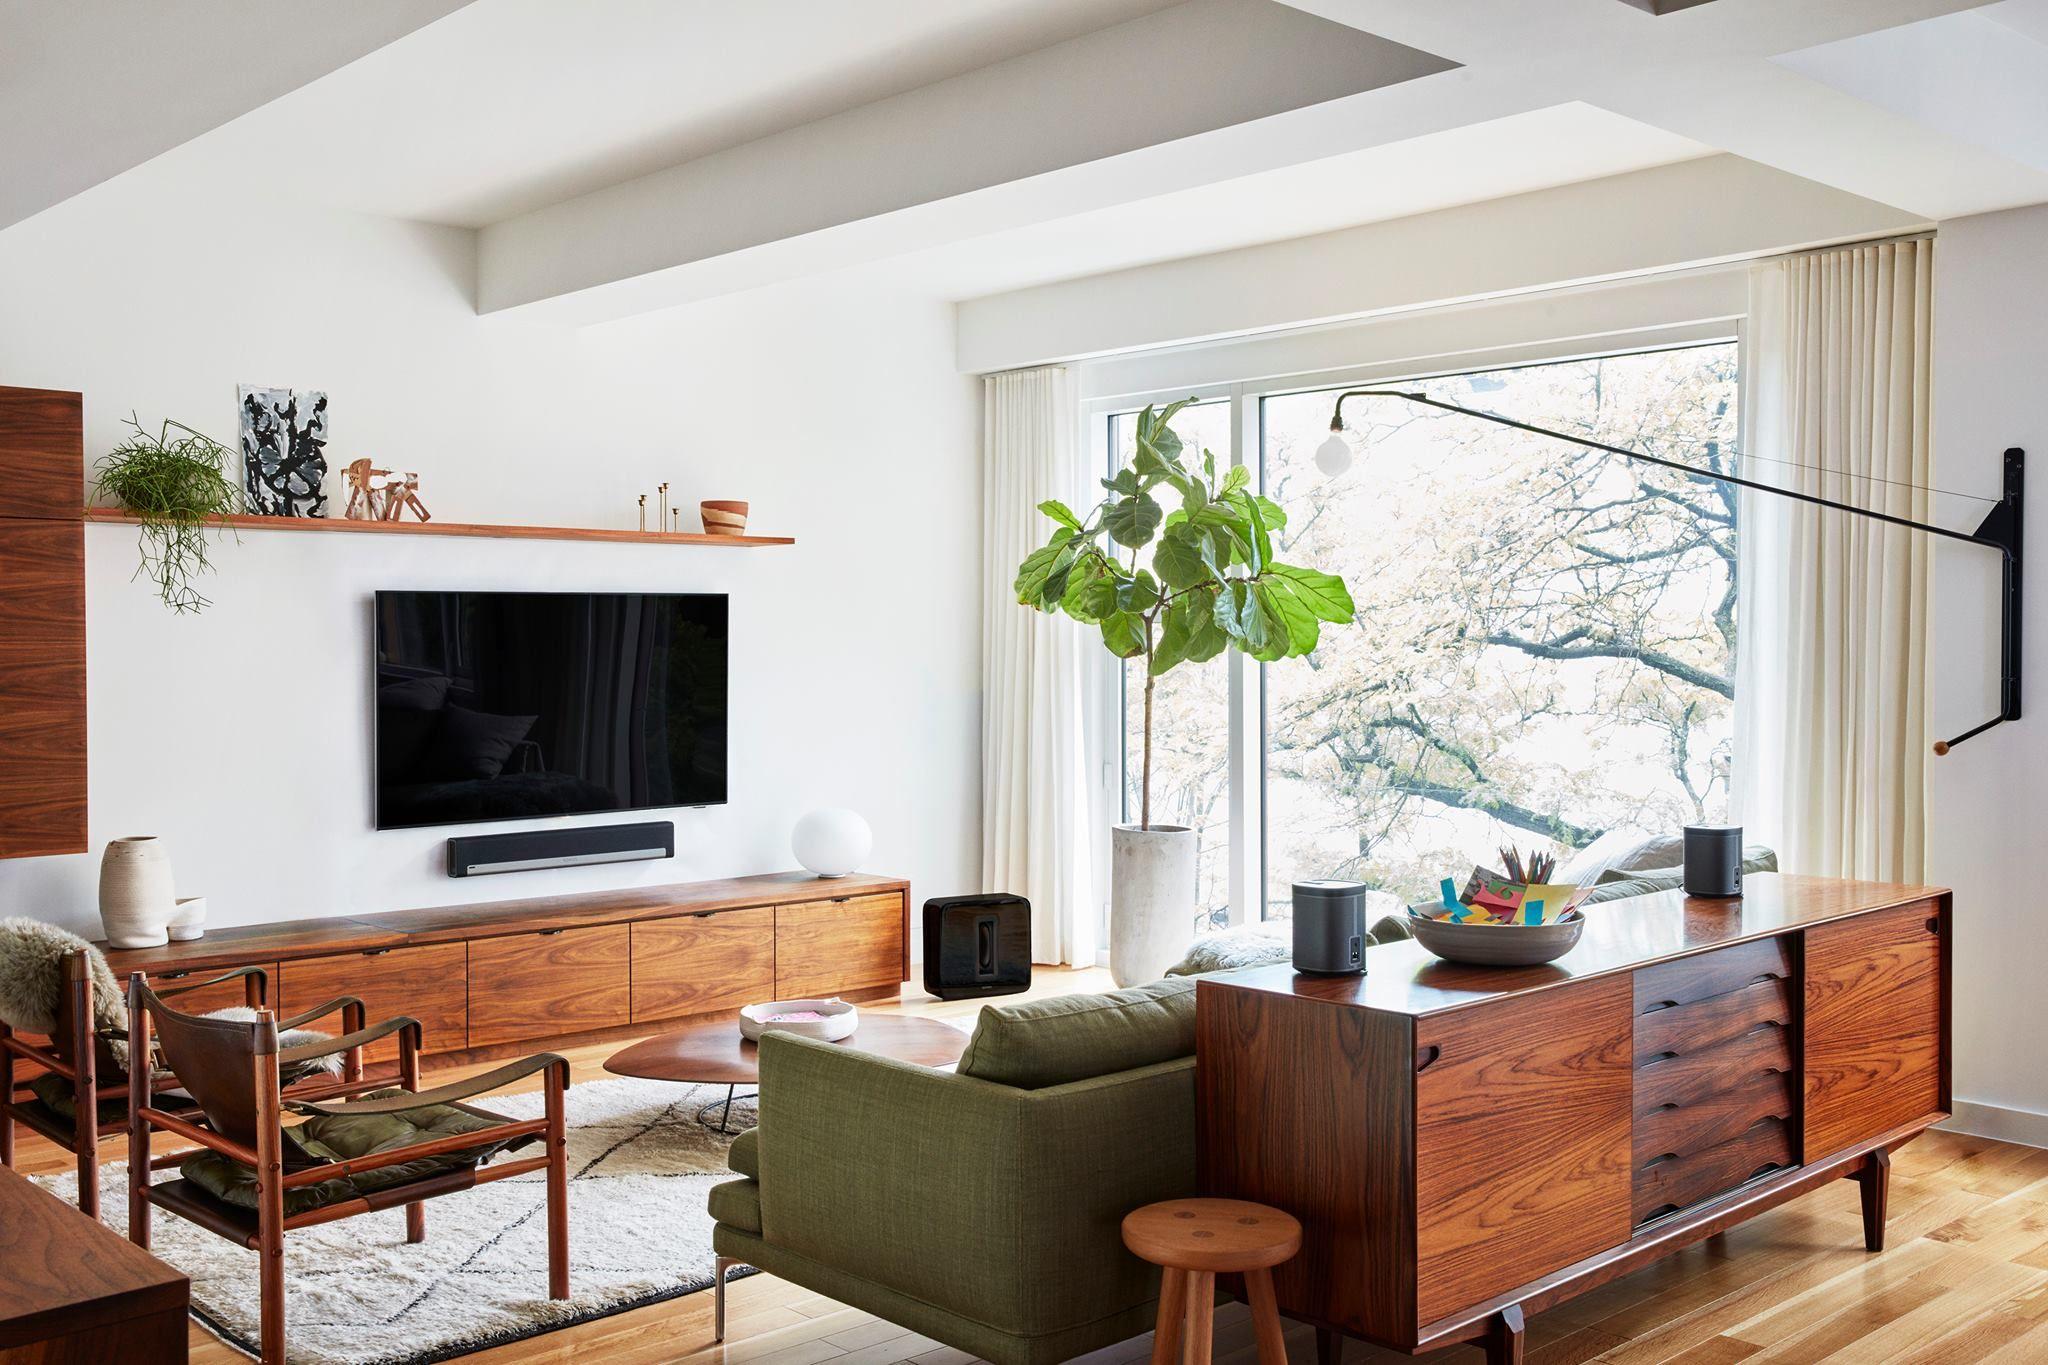 Pin di Marjan su Interior   Pinterest   Mobili tv, Soggiorni e Mobili